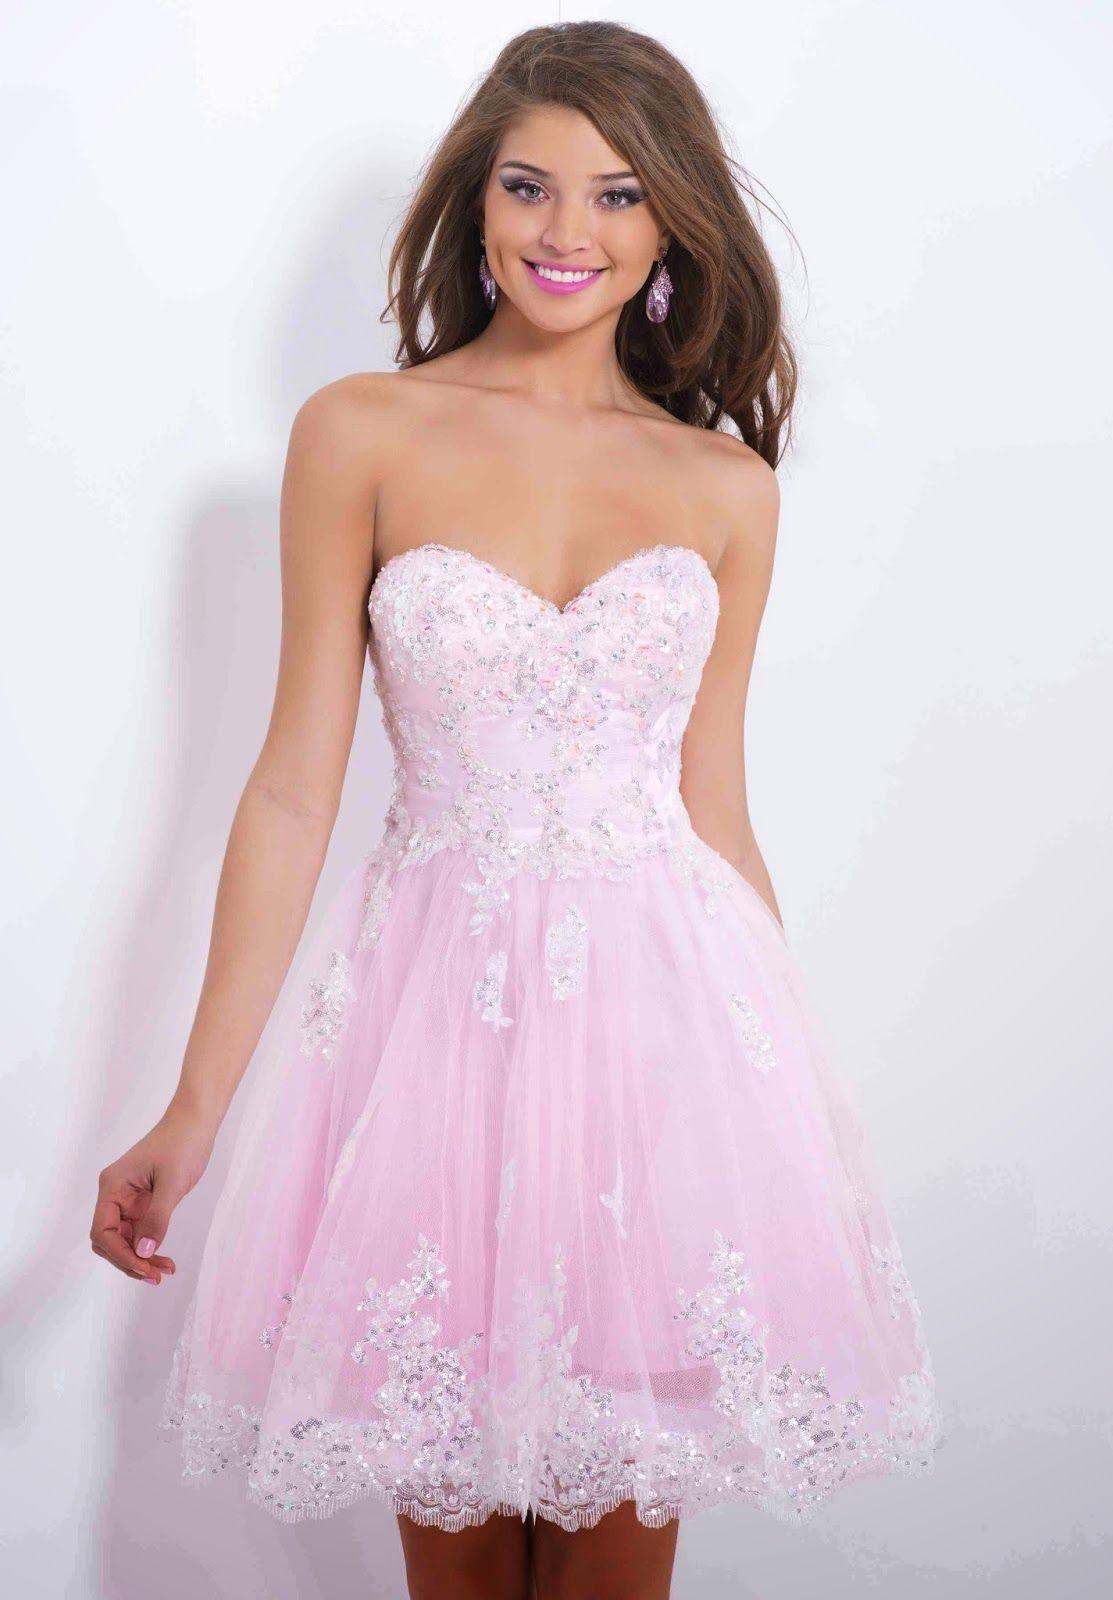 Vestidos de noche para fiesta | Cosas que comprar | Pinterest ...